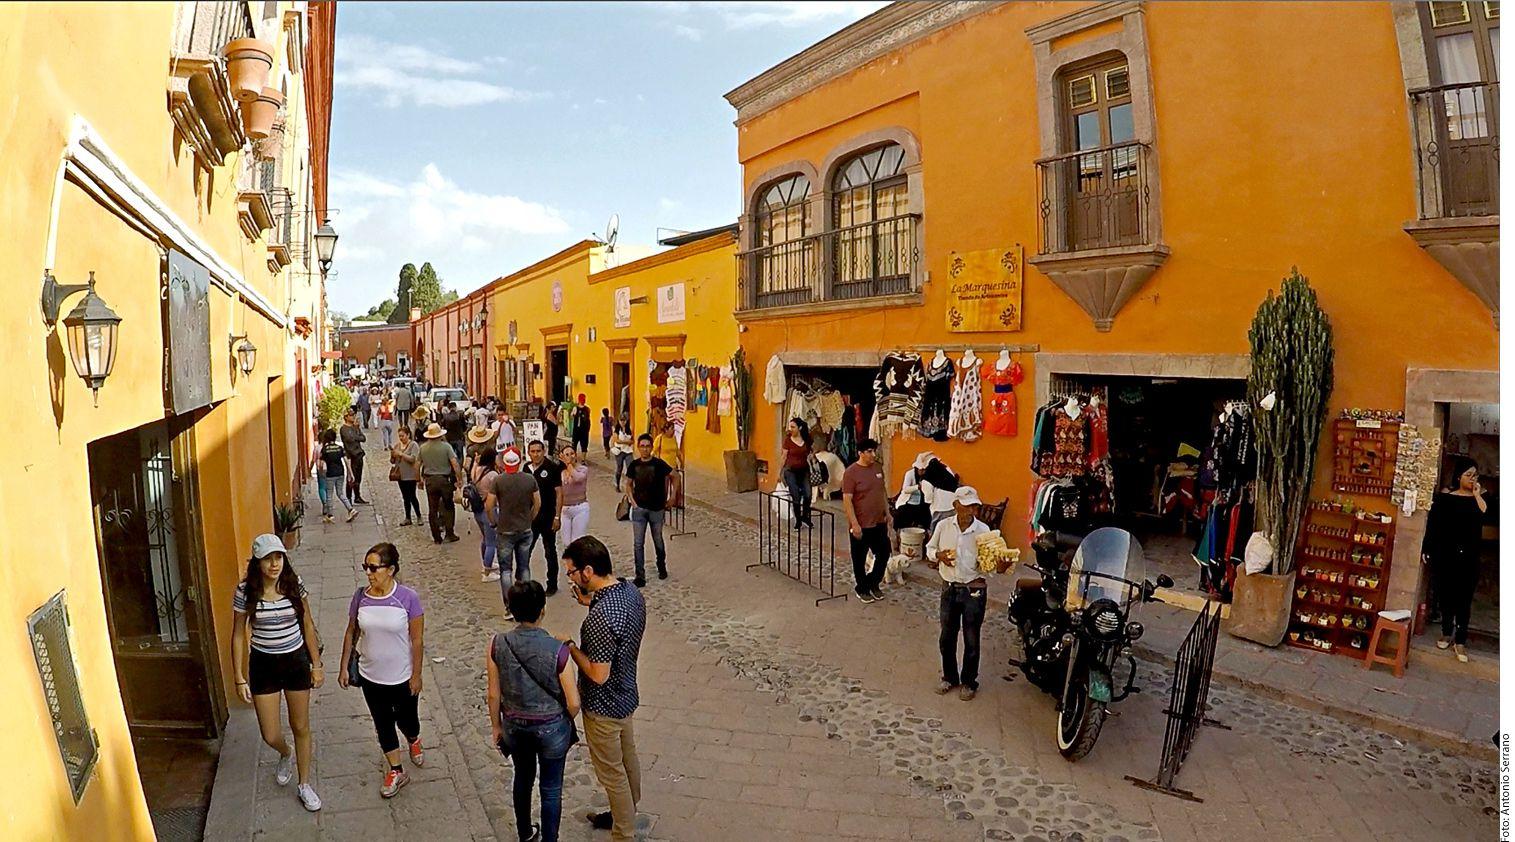 En 2017 Querétaro recibió 2.4 millones de turistas, de acuerdo con información de Hugo Burgos, secretario de Turismo de la entidad. (AGENCIA REFORMA)